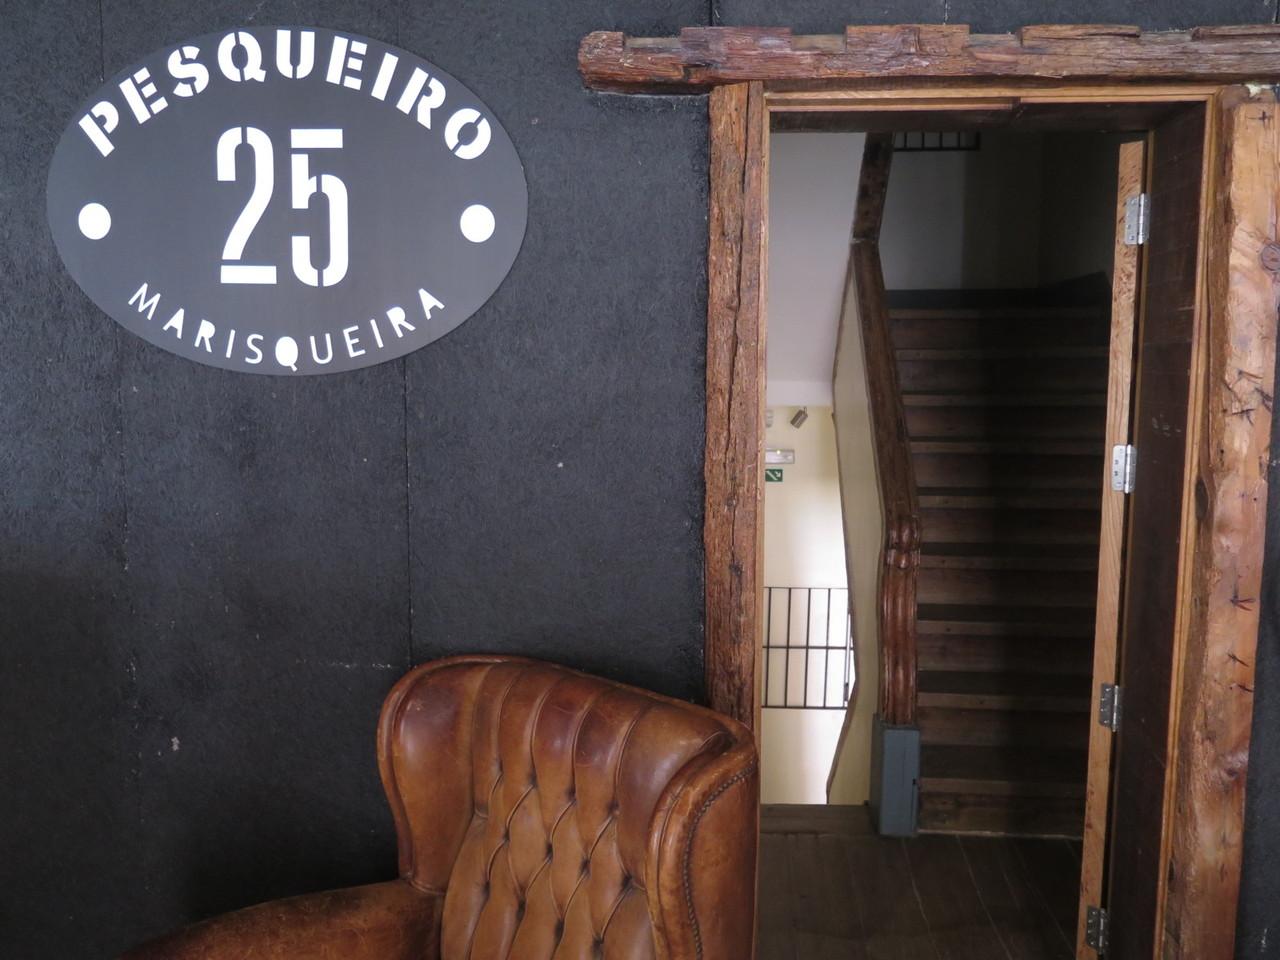 PESQUEIRO 25